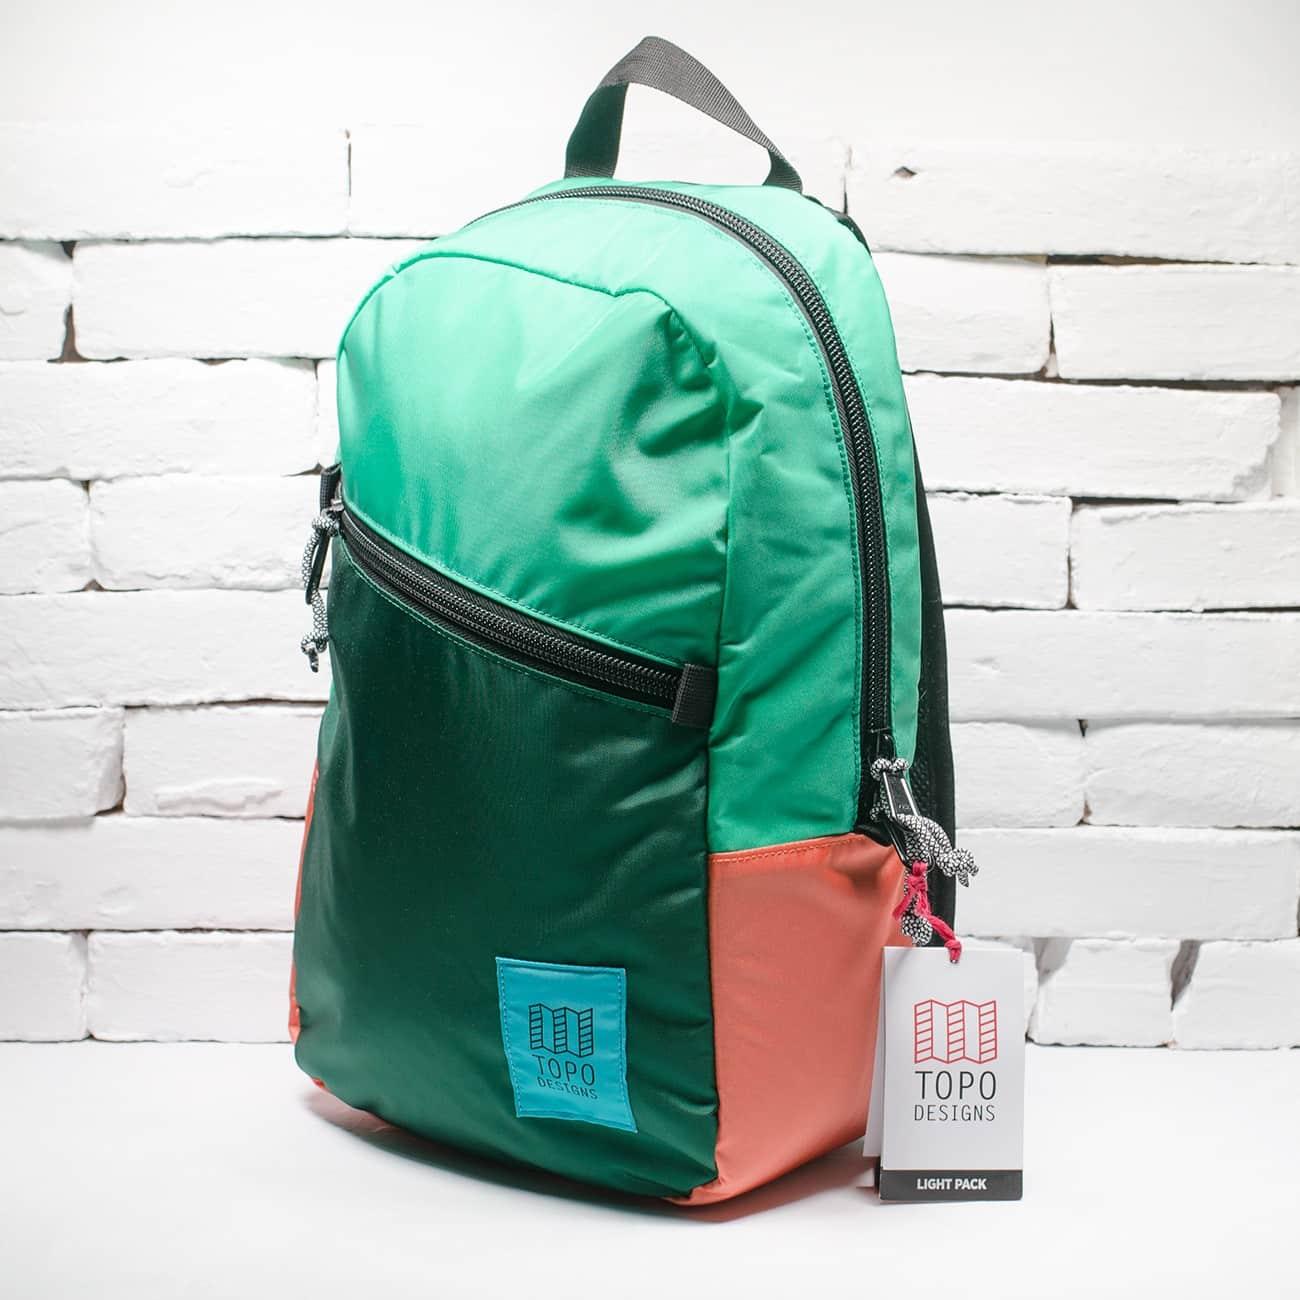 Light Pack